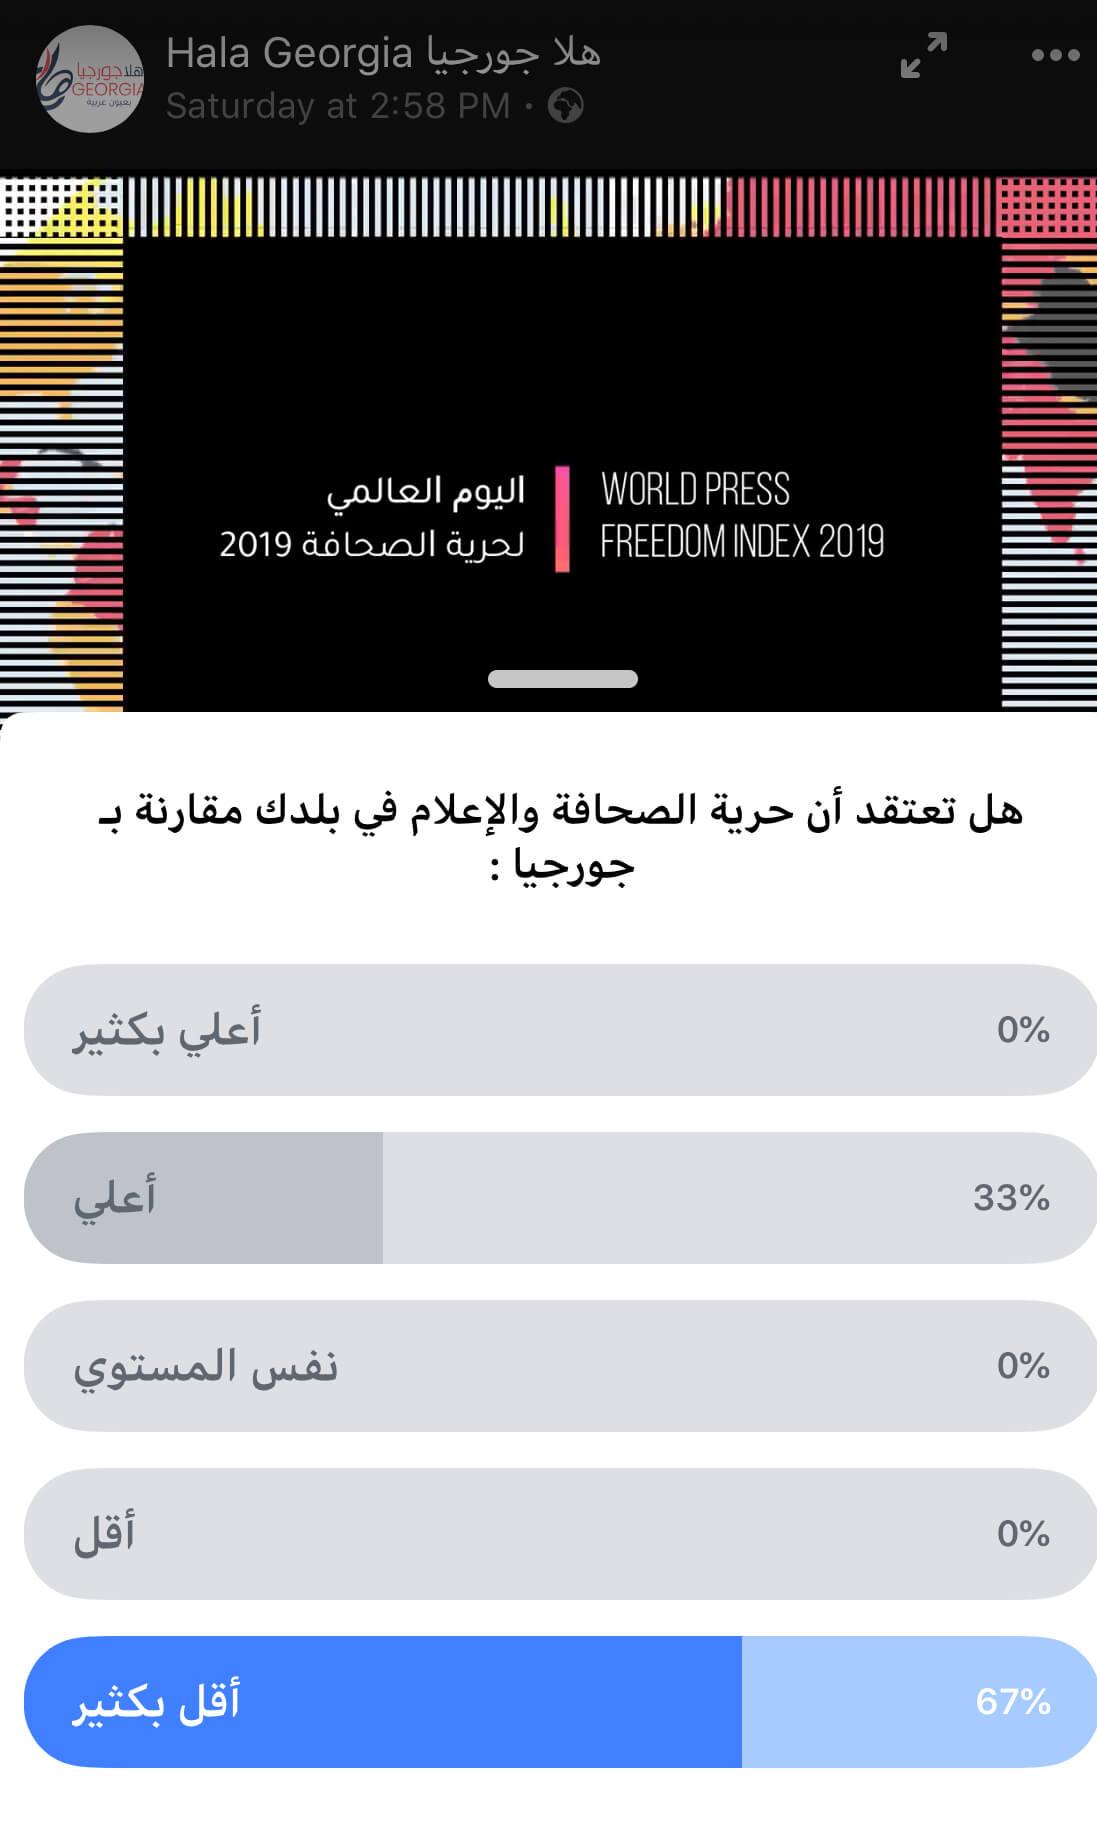 تصويت متابعي التقرير عبر فيسبووك